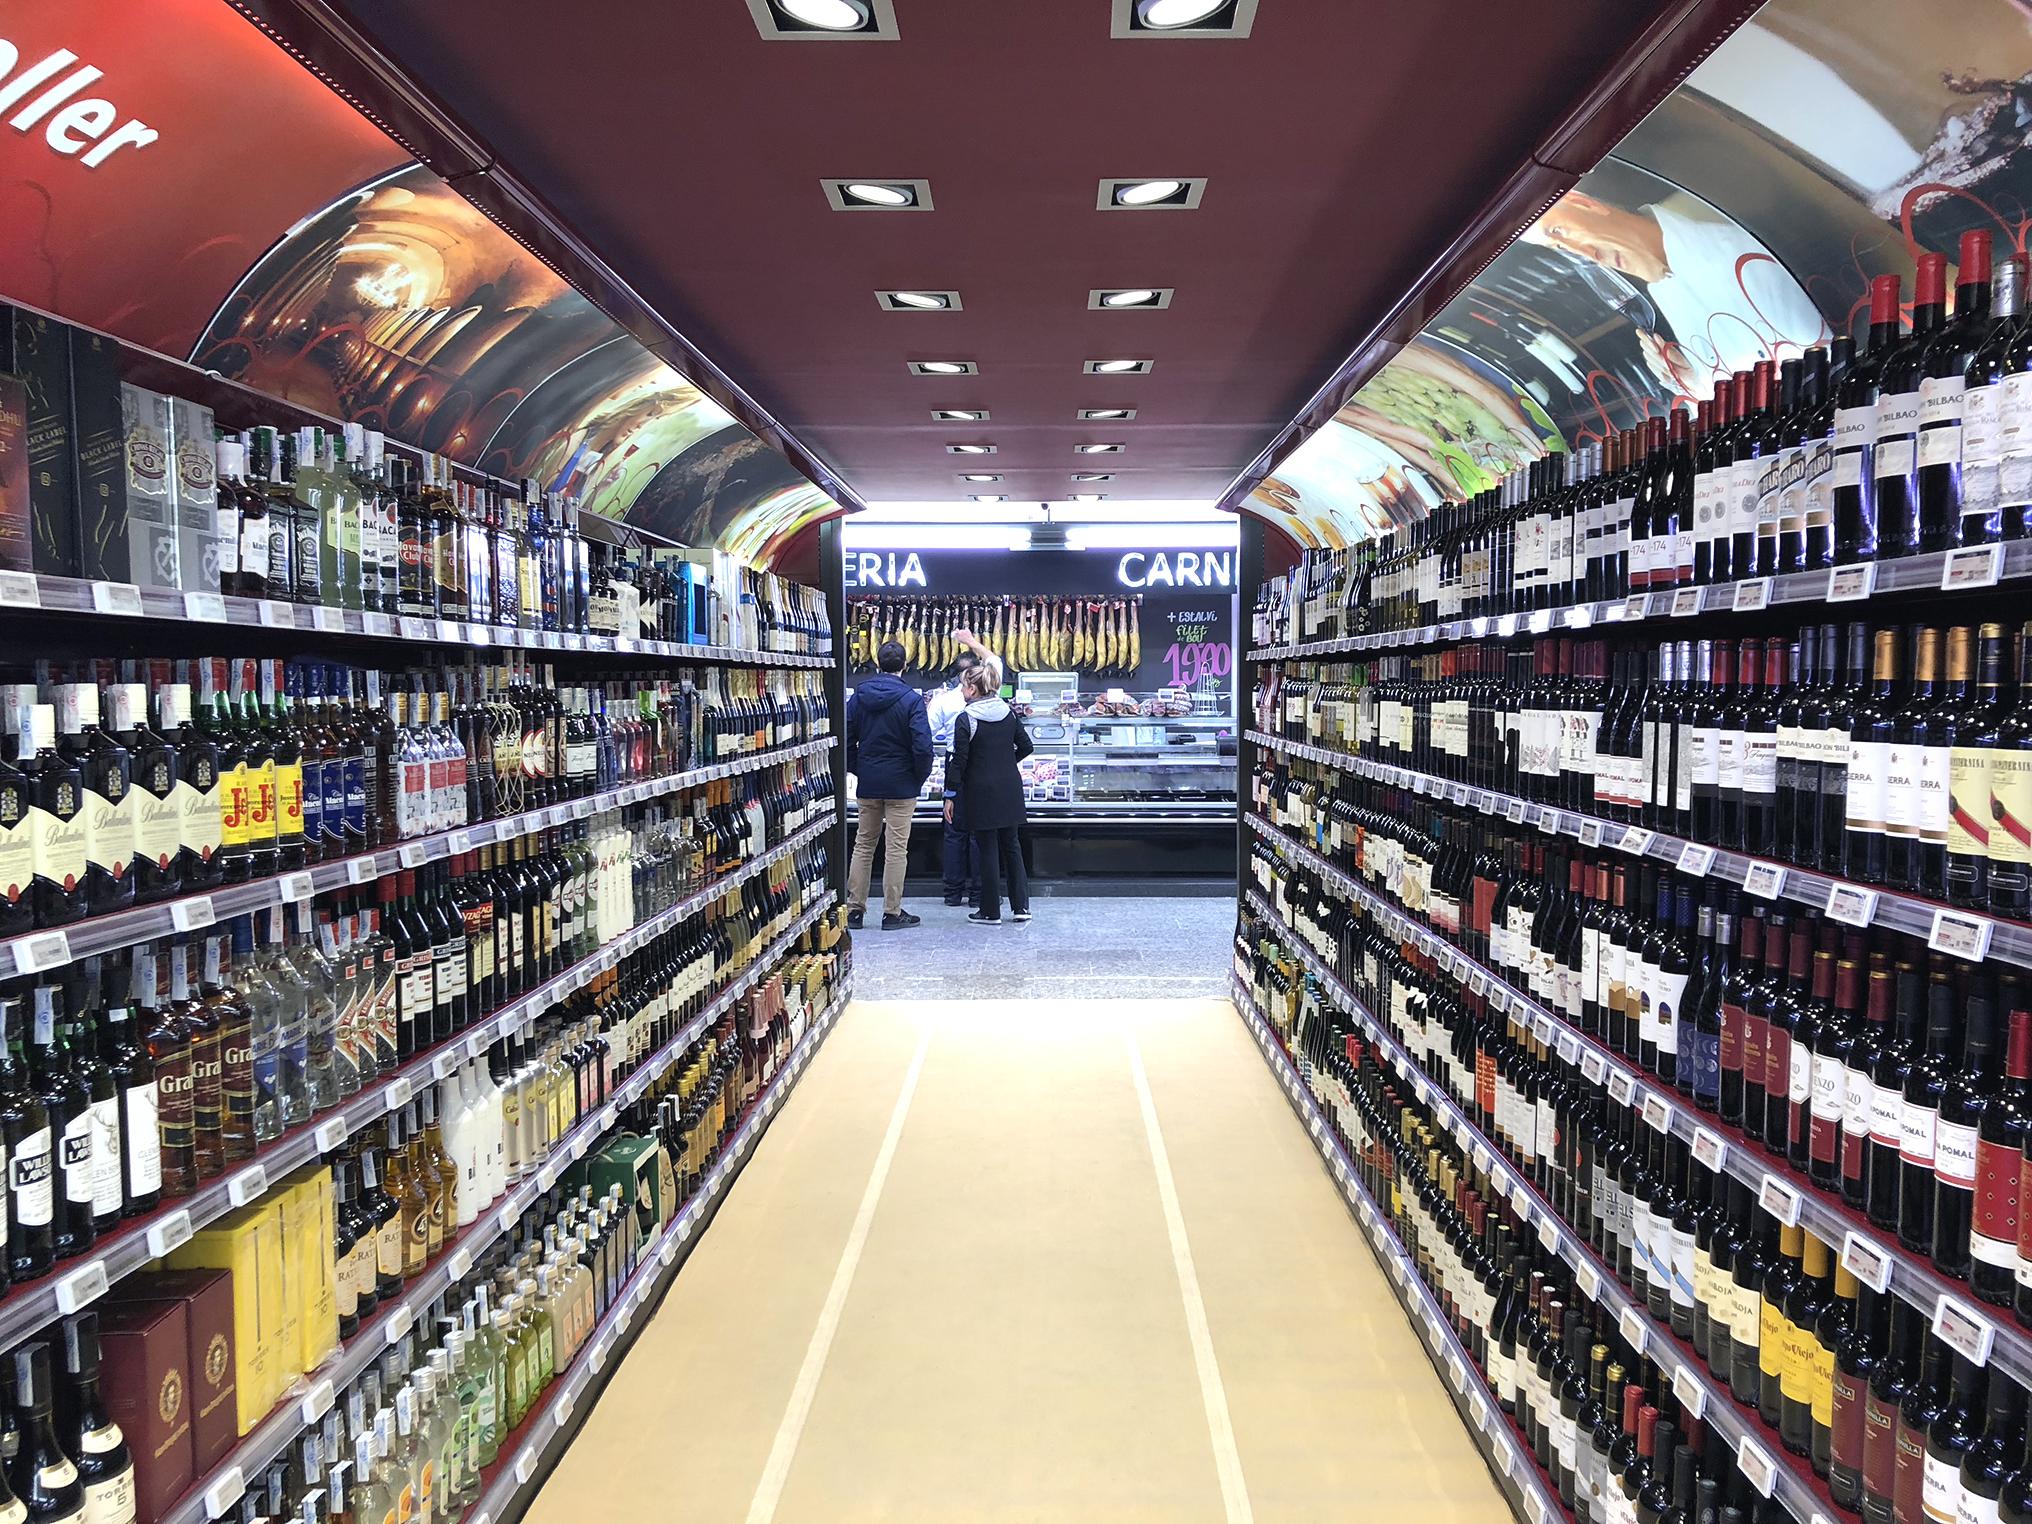 Nicolis Project etichette-elettroniche-condis-spagna Condis renueva la gestión de precios en tienda con etiquetas electrónicas